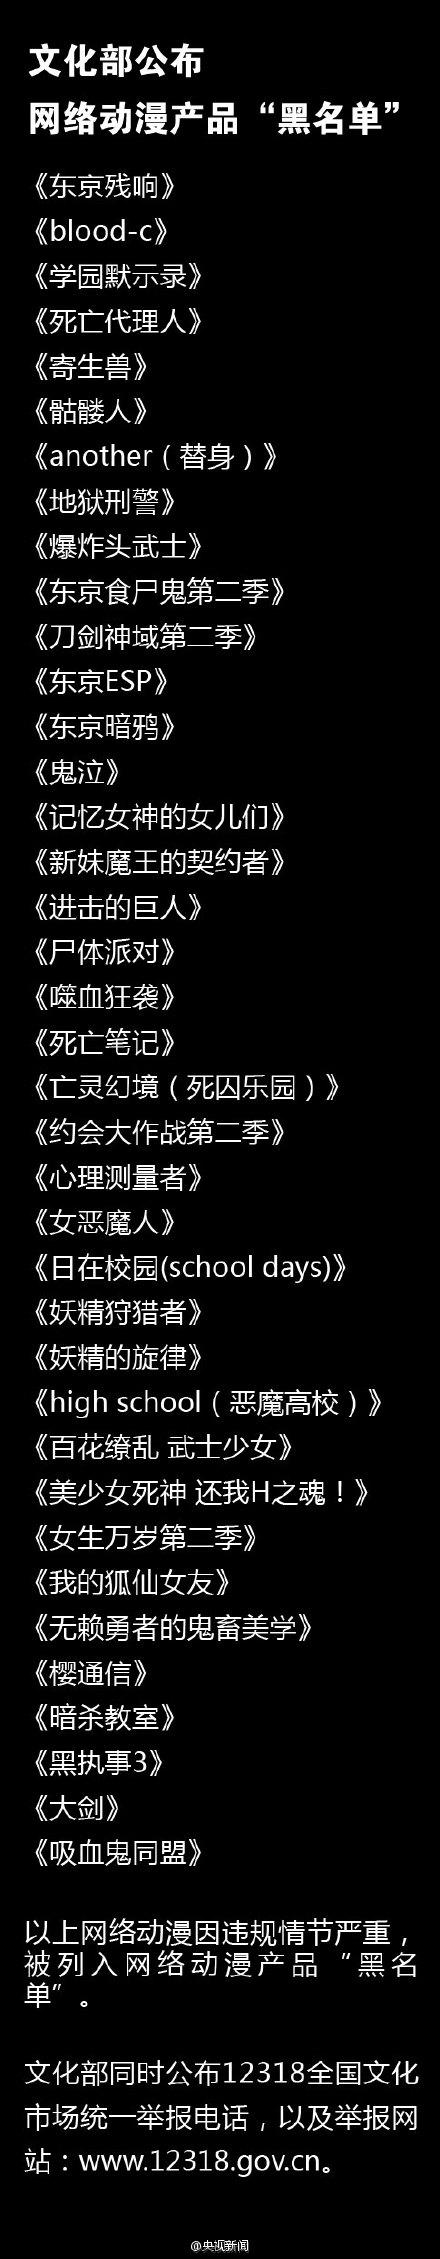 文化部公布新一批网络动漫黑名单